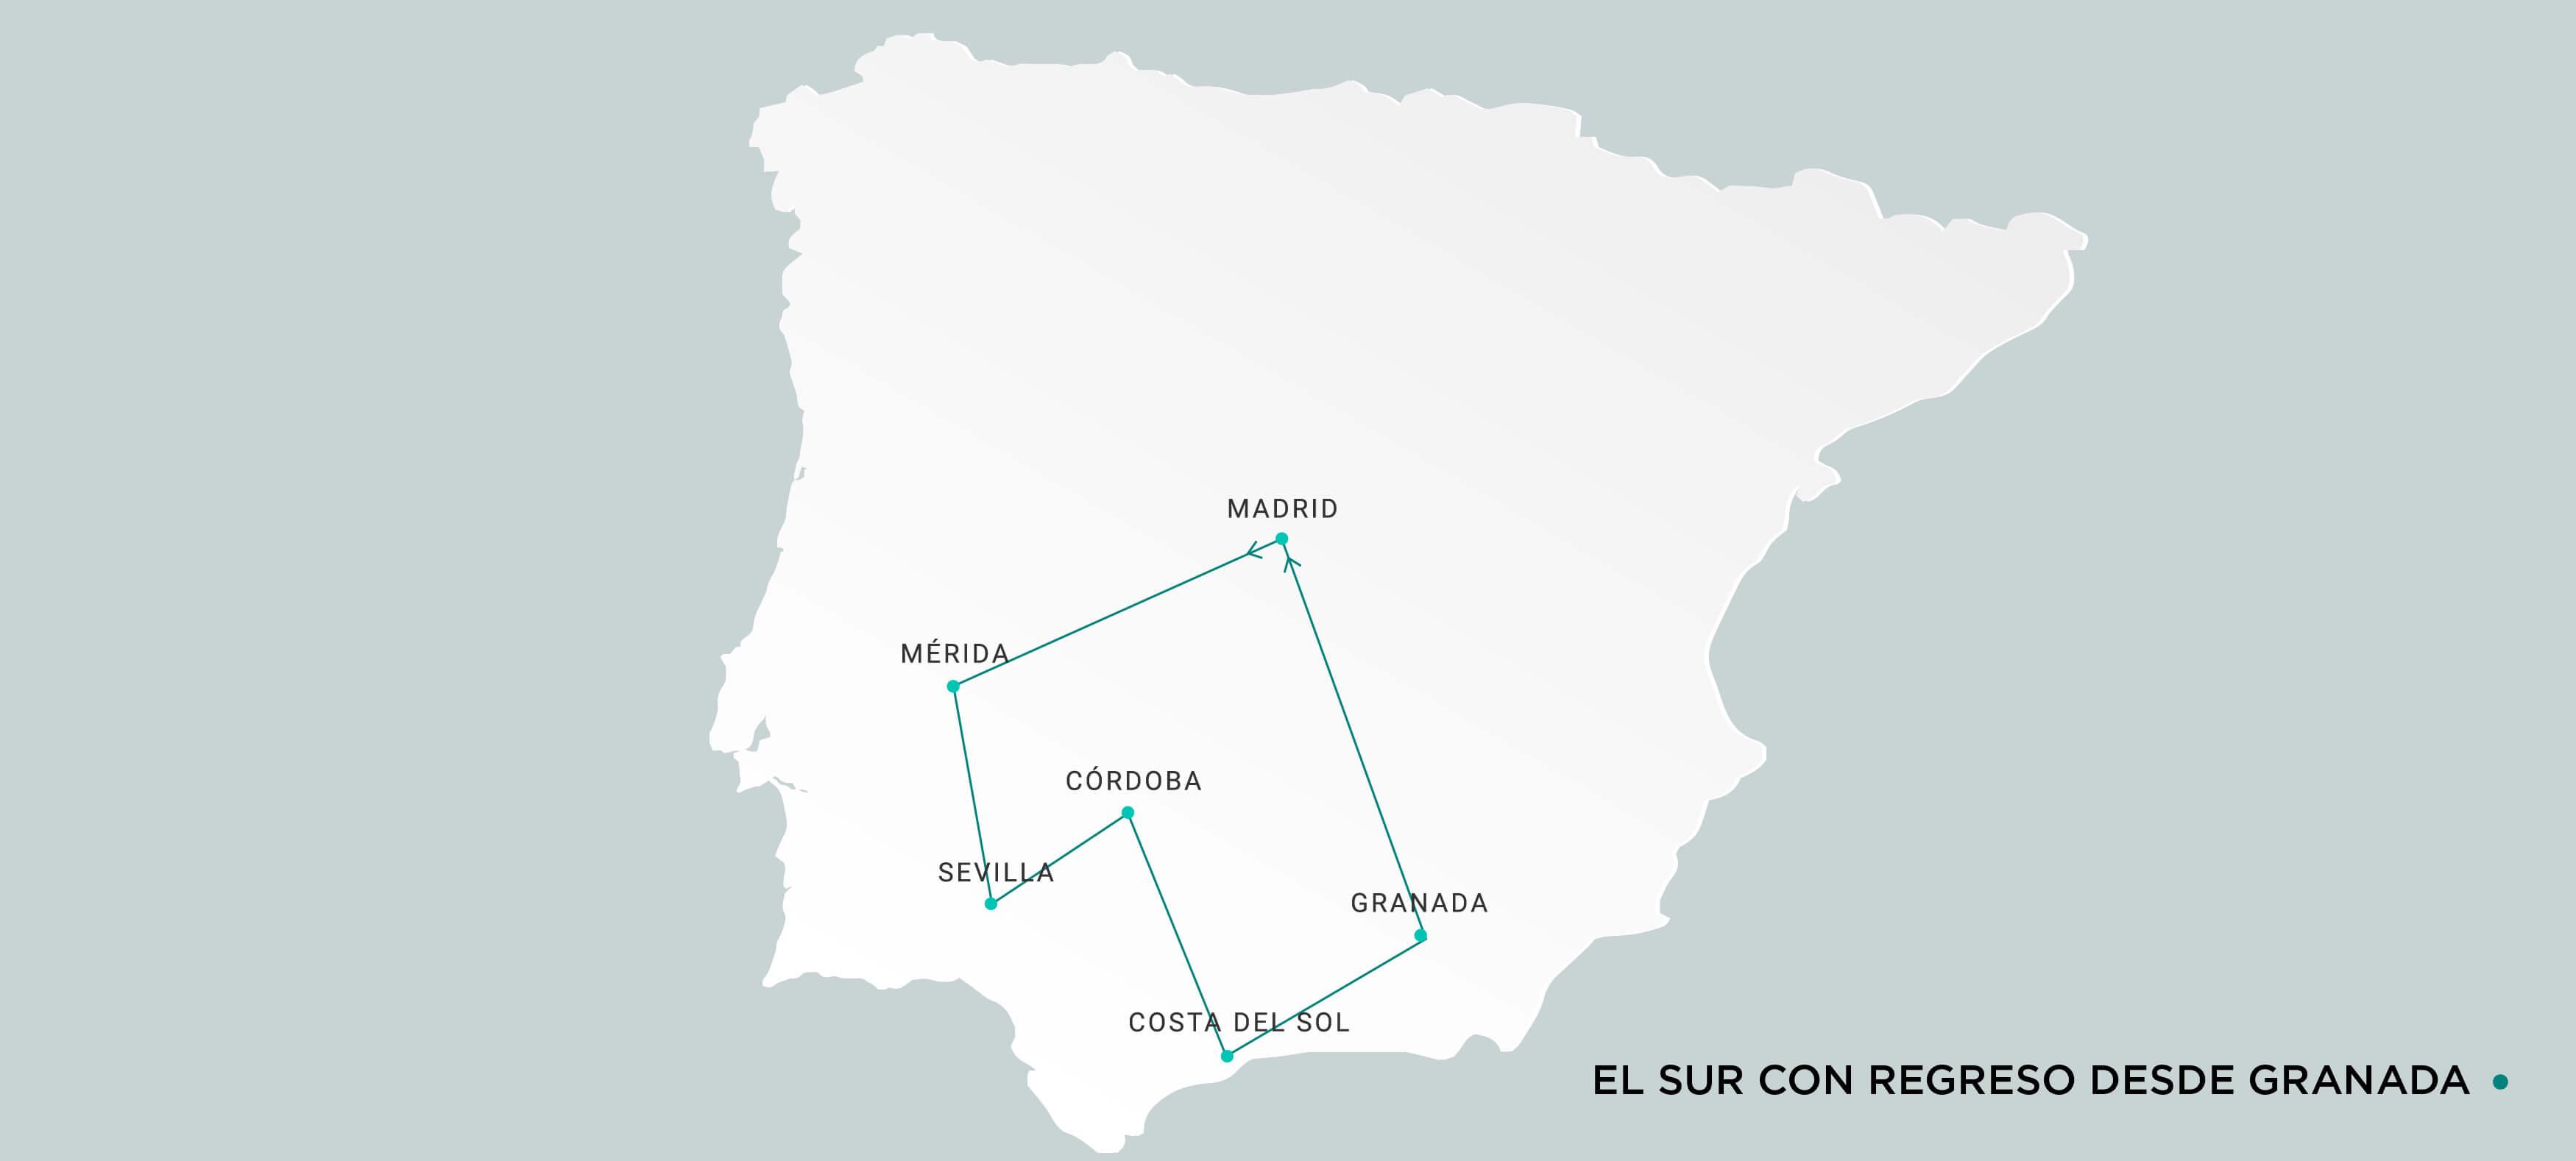 Mapa Sur con regreso desde Granada